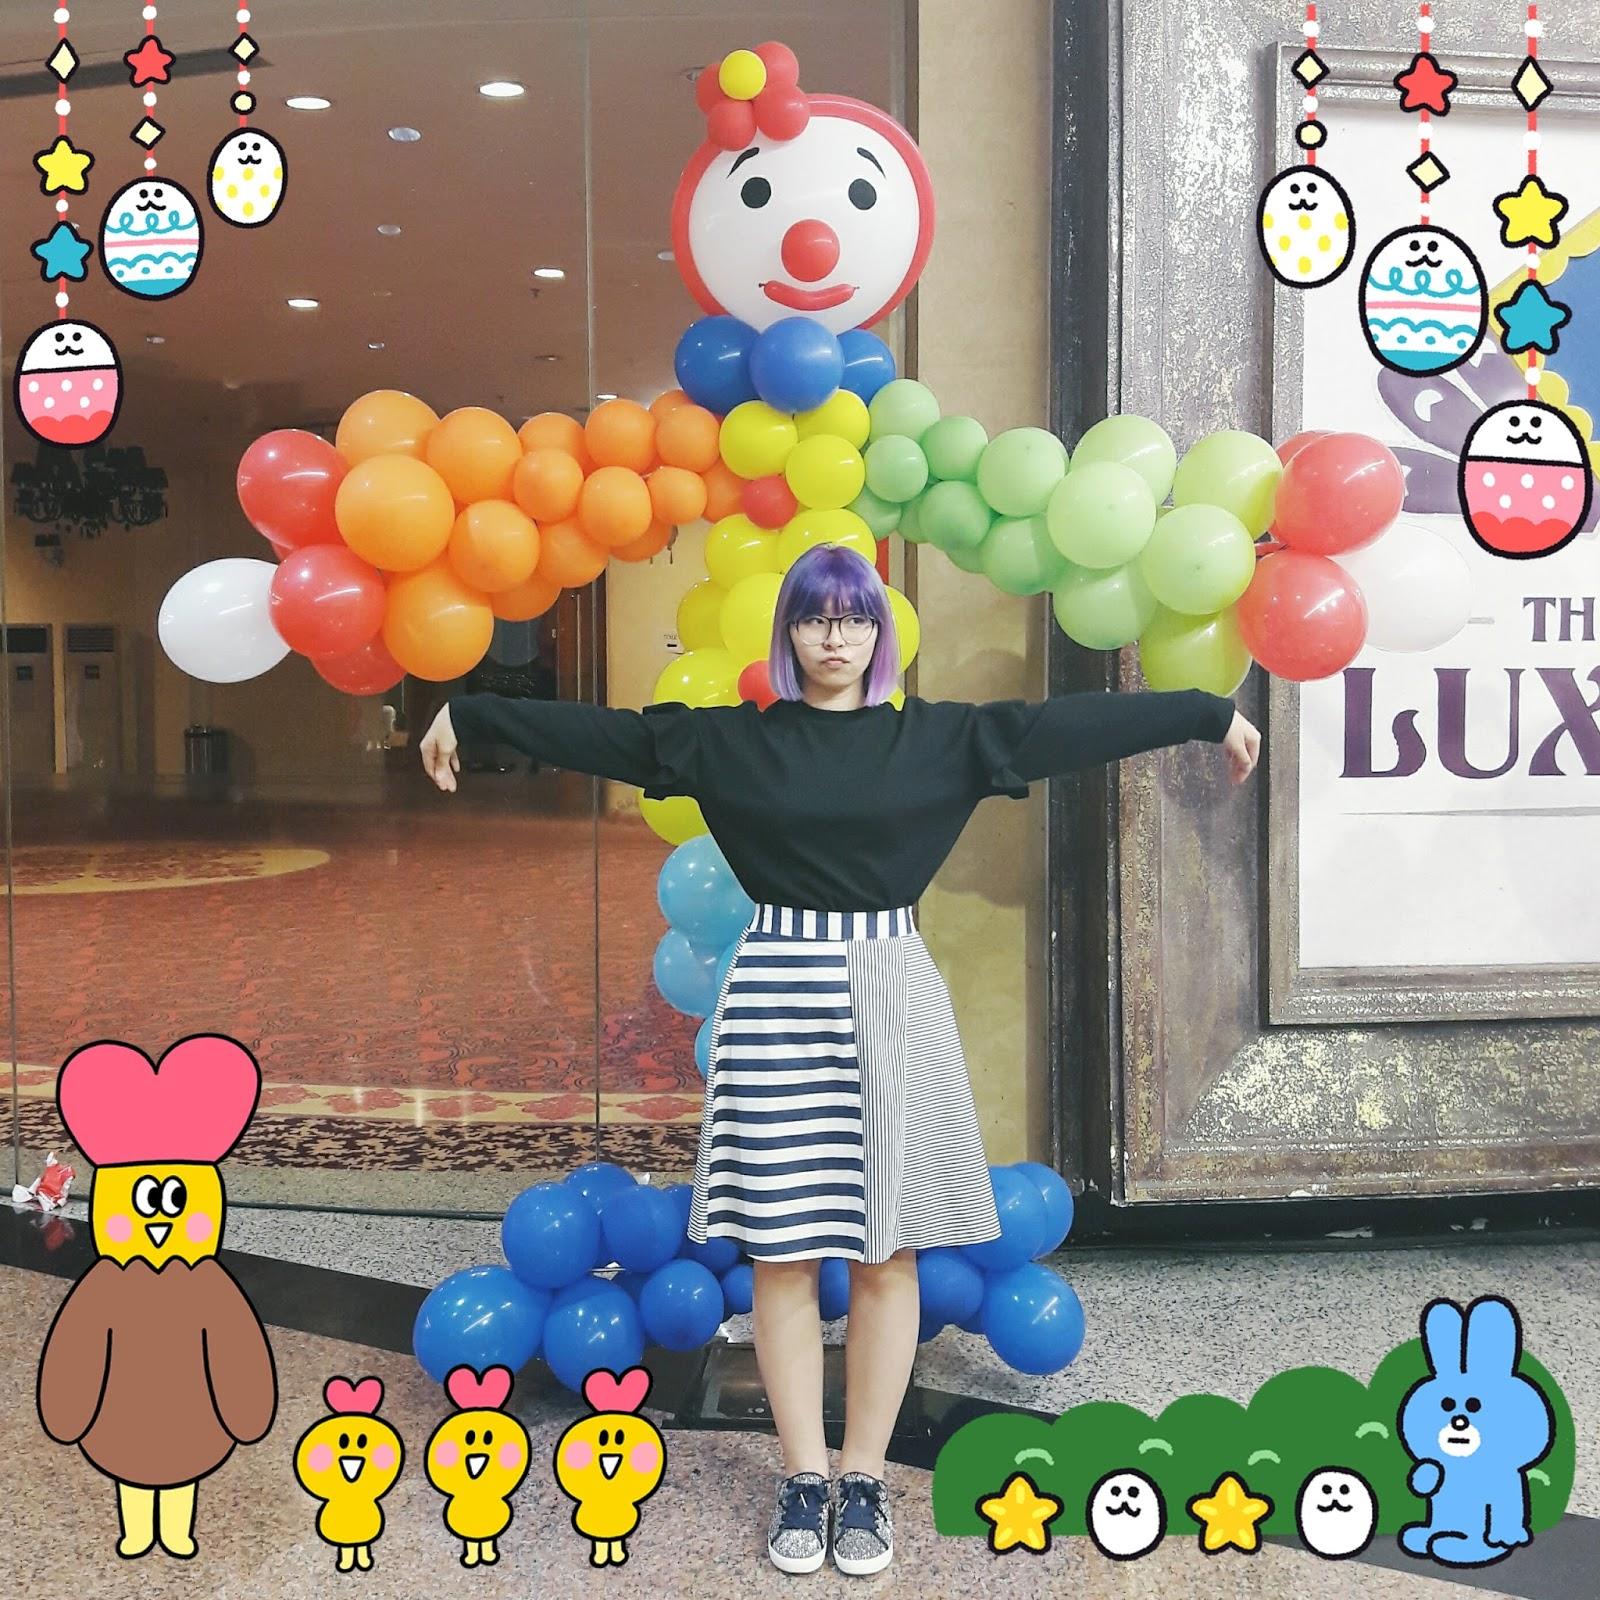 ruffle sweatshirt, stripes skirt, glittery sneakers outfit | www.bigdreamerblog.com